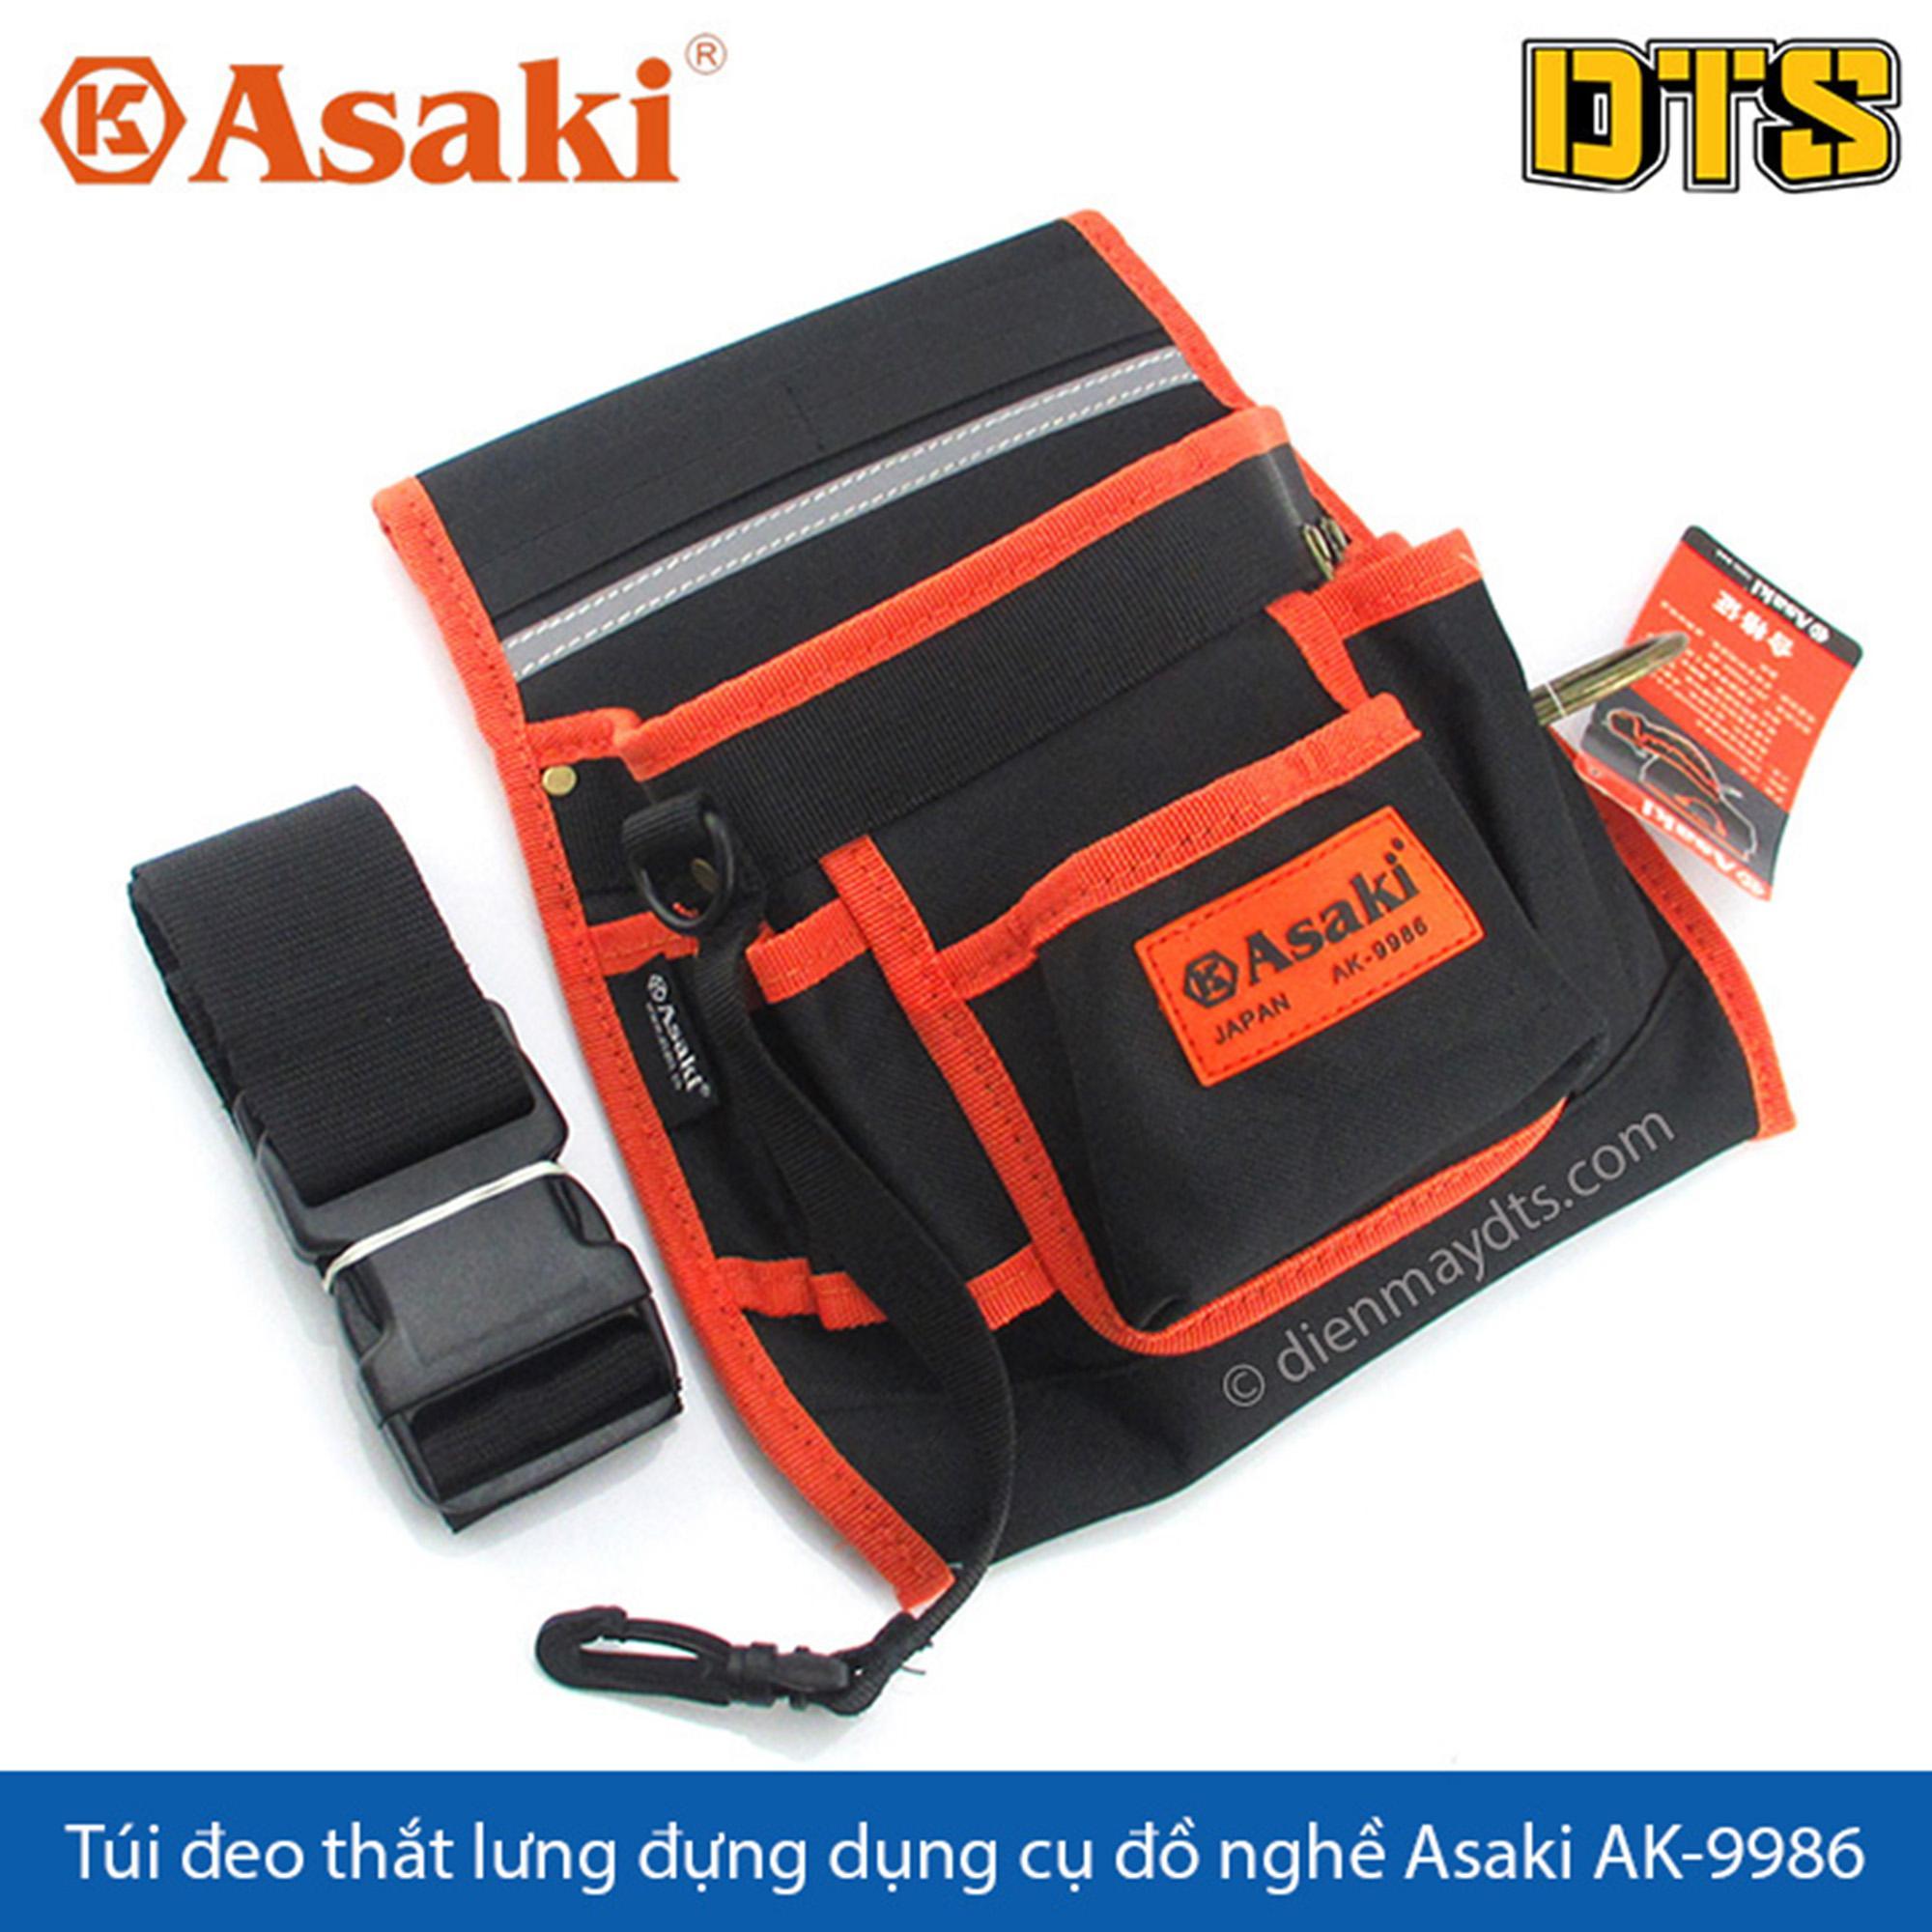 Túi đeo thắt lưng đựng dụng cụ đồ nghề Asaki AK-9986